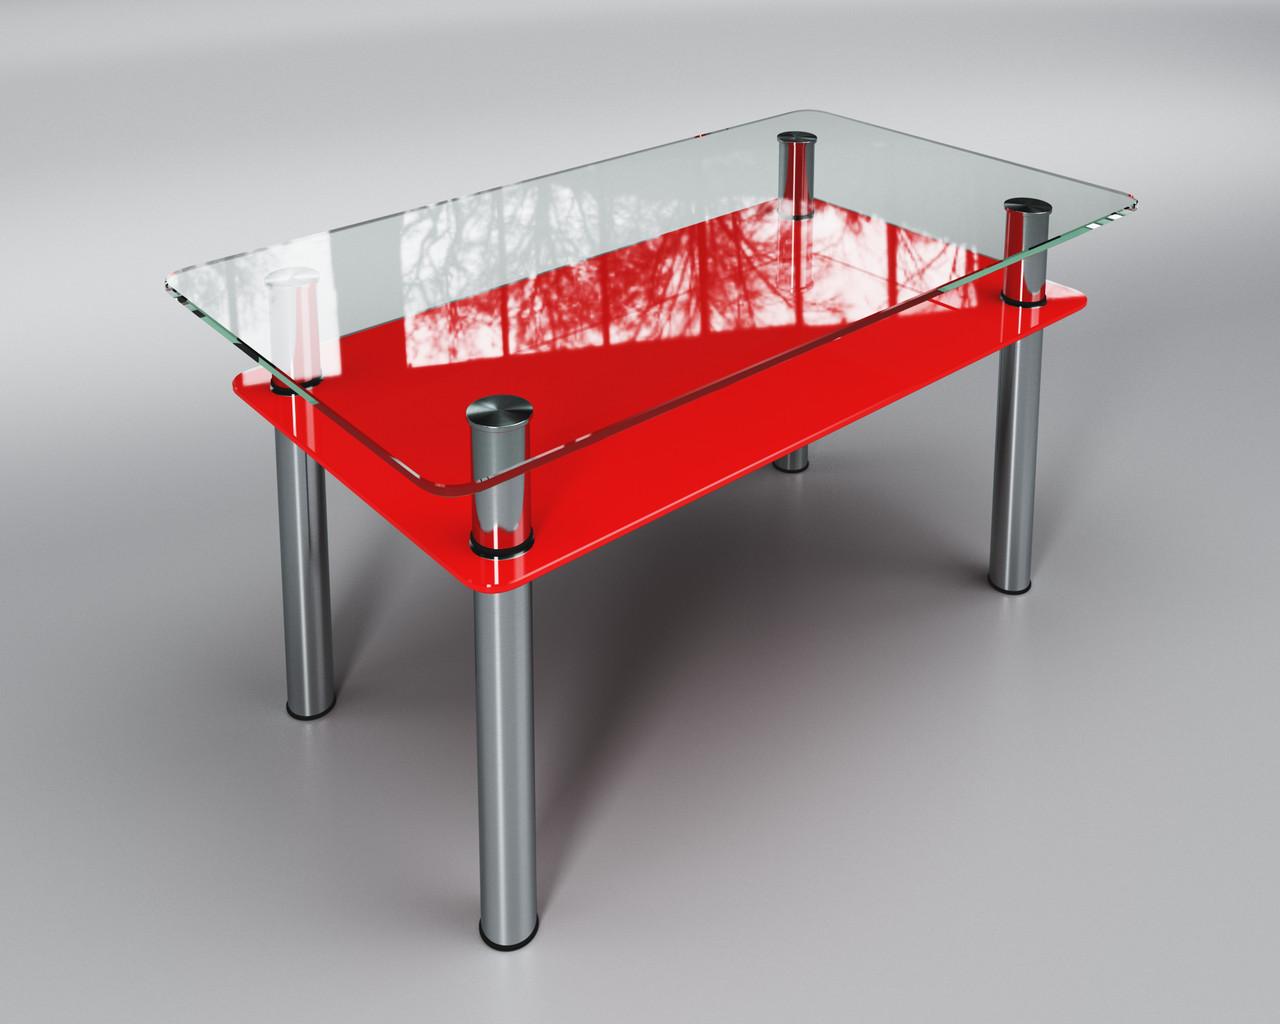 Стеклянный стол Вега с полкой (журнальный) красный